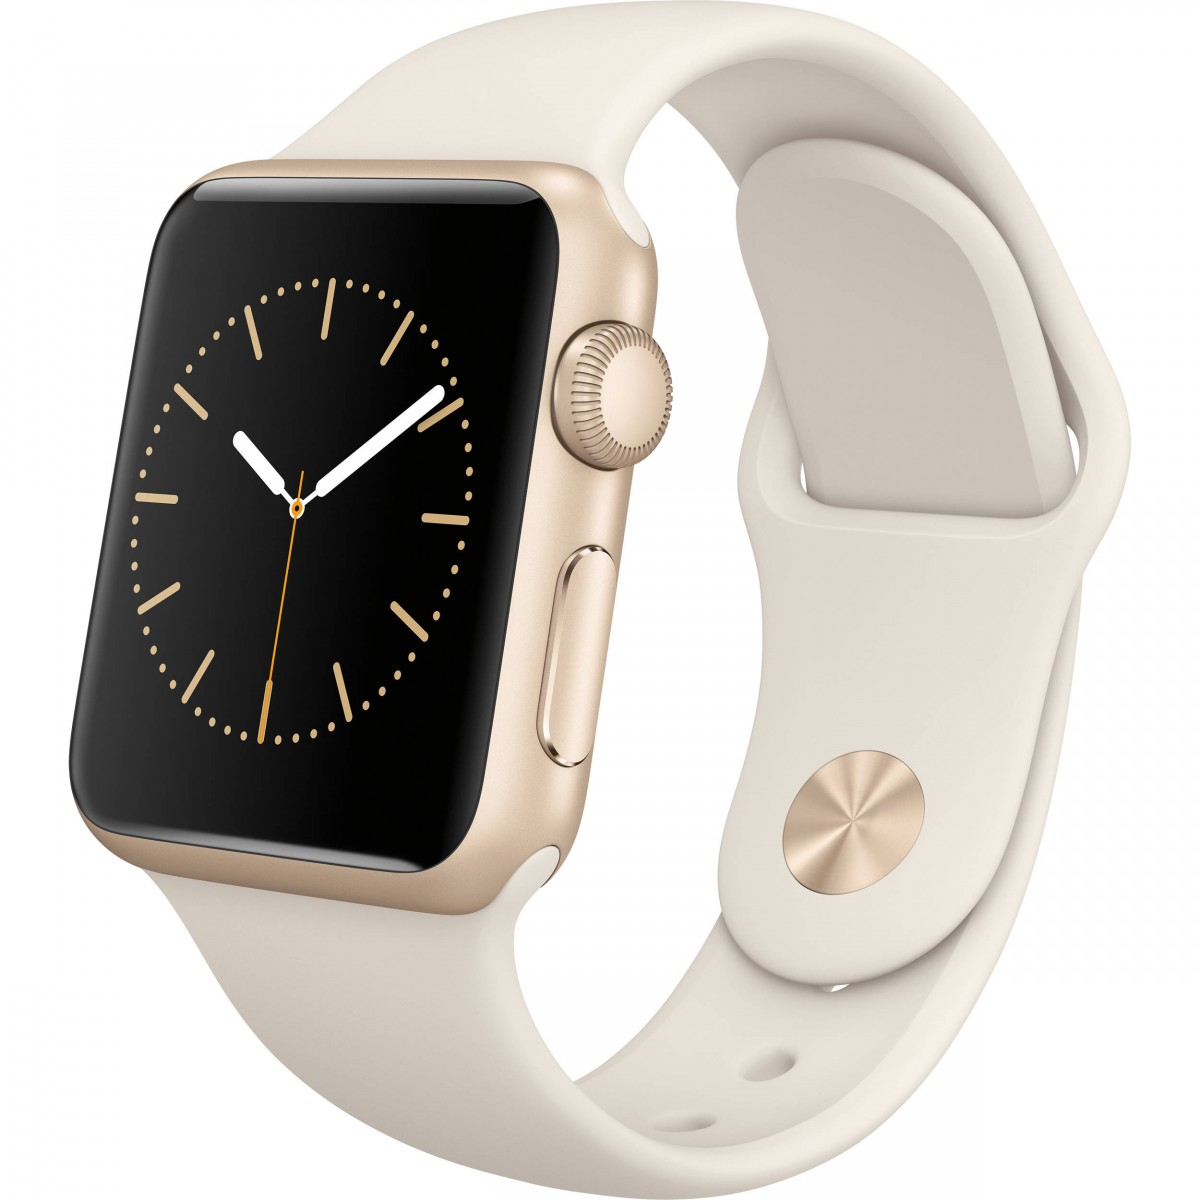 Řemínek SmoothBand pro Apple Watch Series 3/2/1 42mm - Anticky bílý